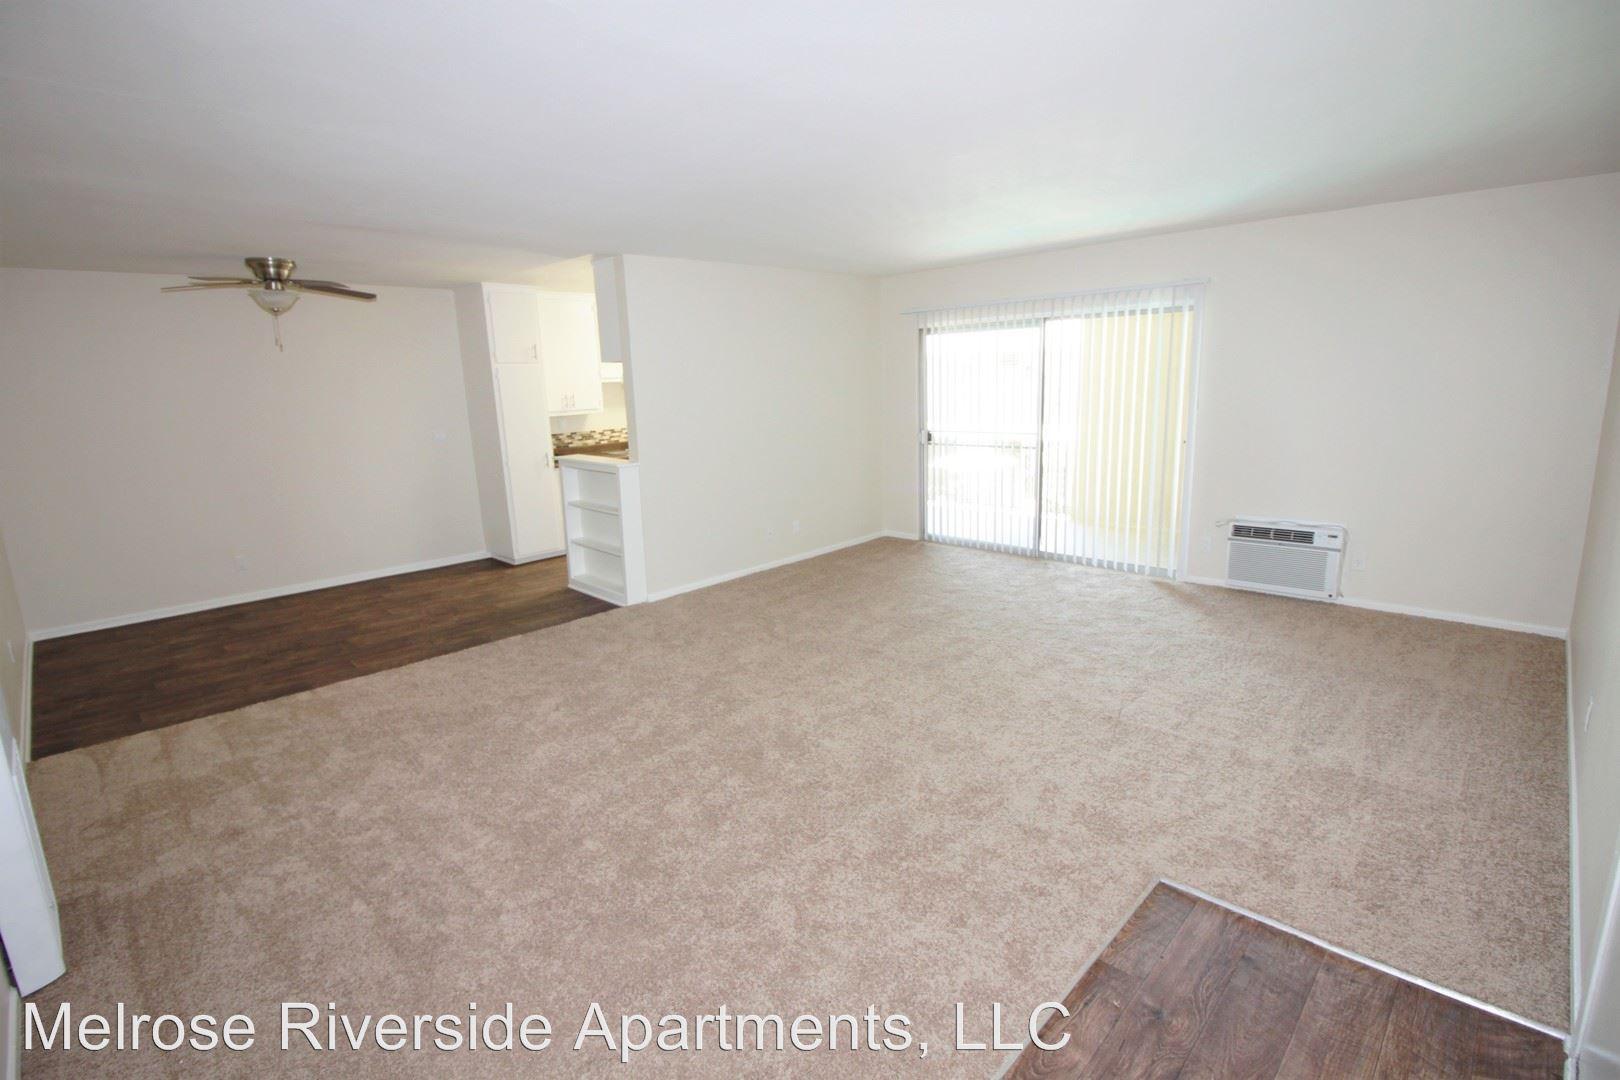 Apartments Near La Sierra Melrose Place 2 for La Sierra University Students in Riverside, CA